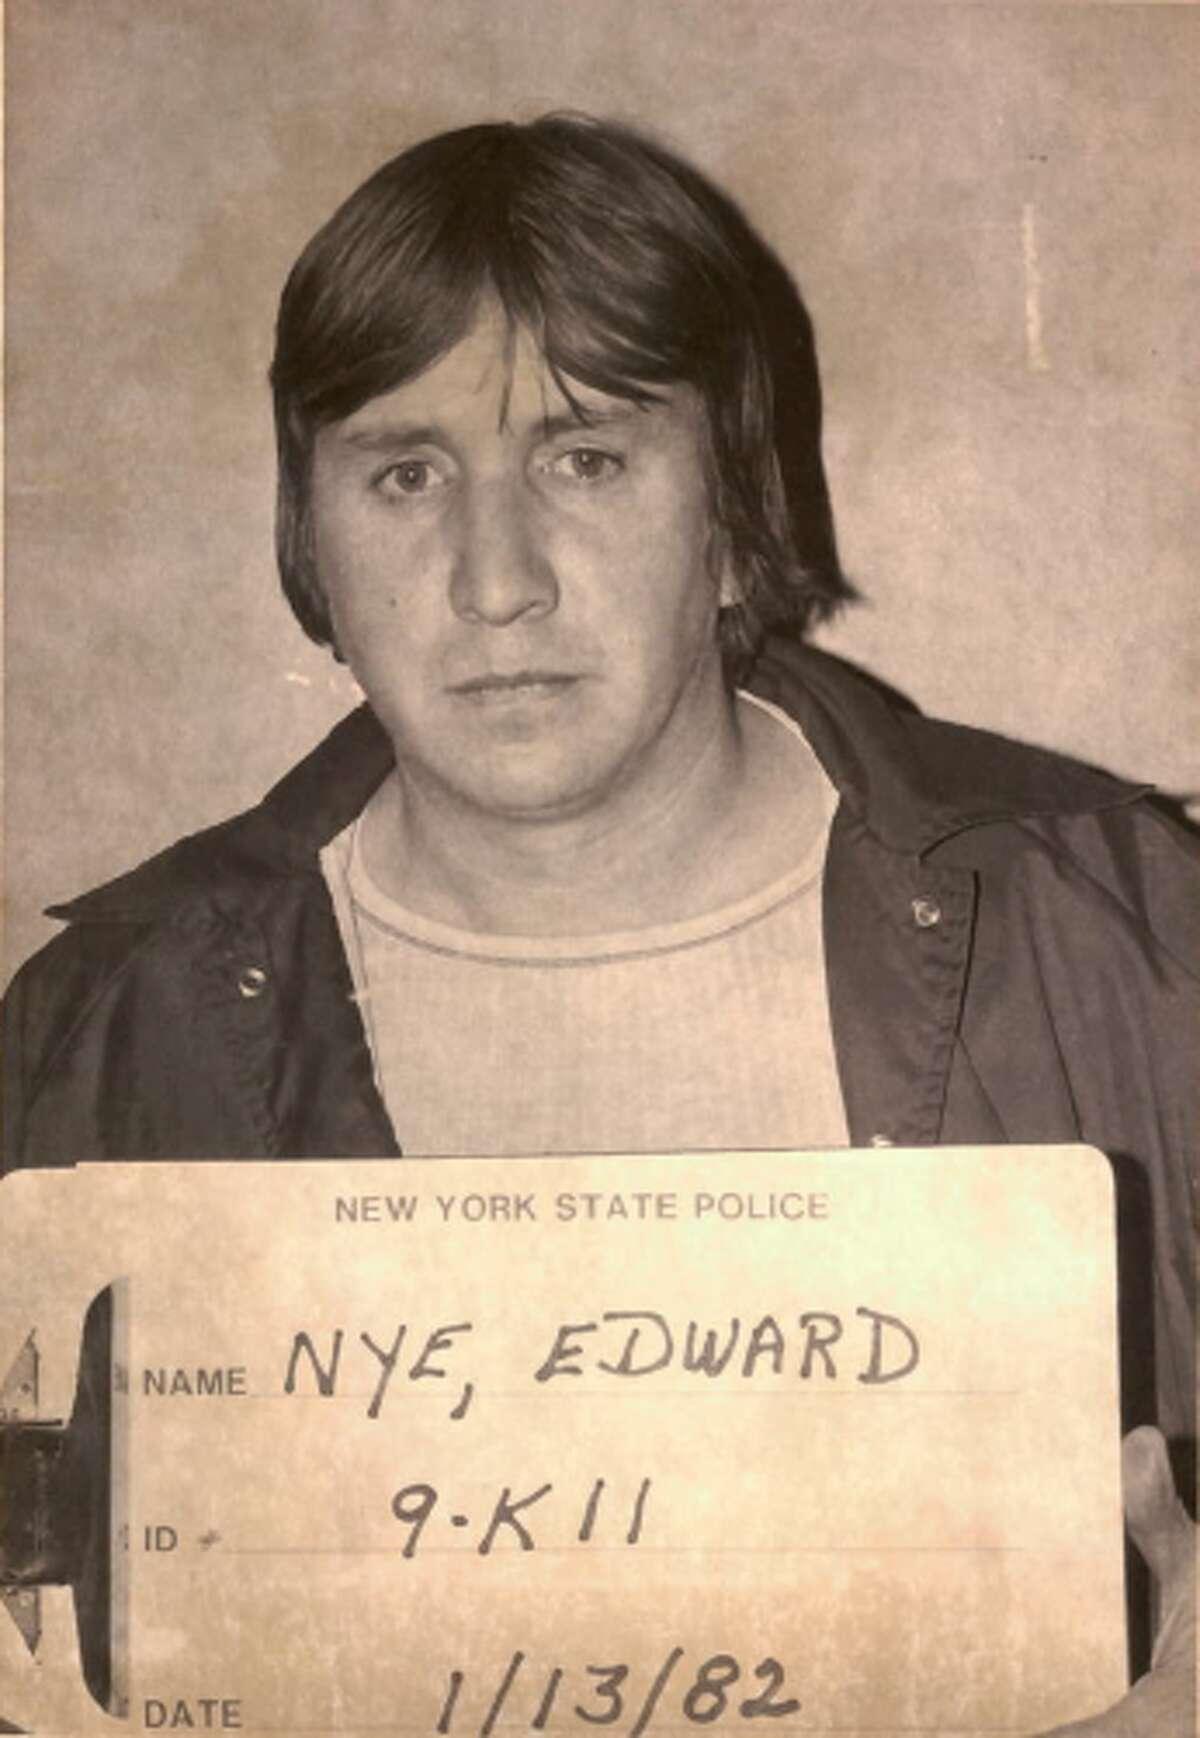 Edward Nye's 1982 mugshot.